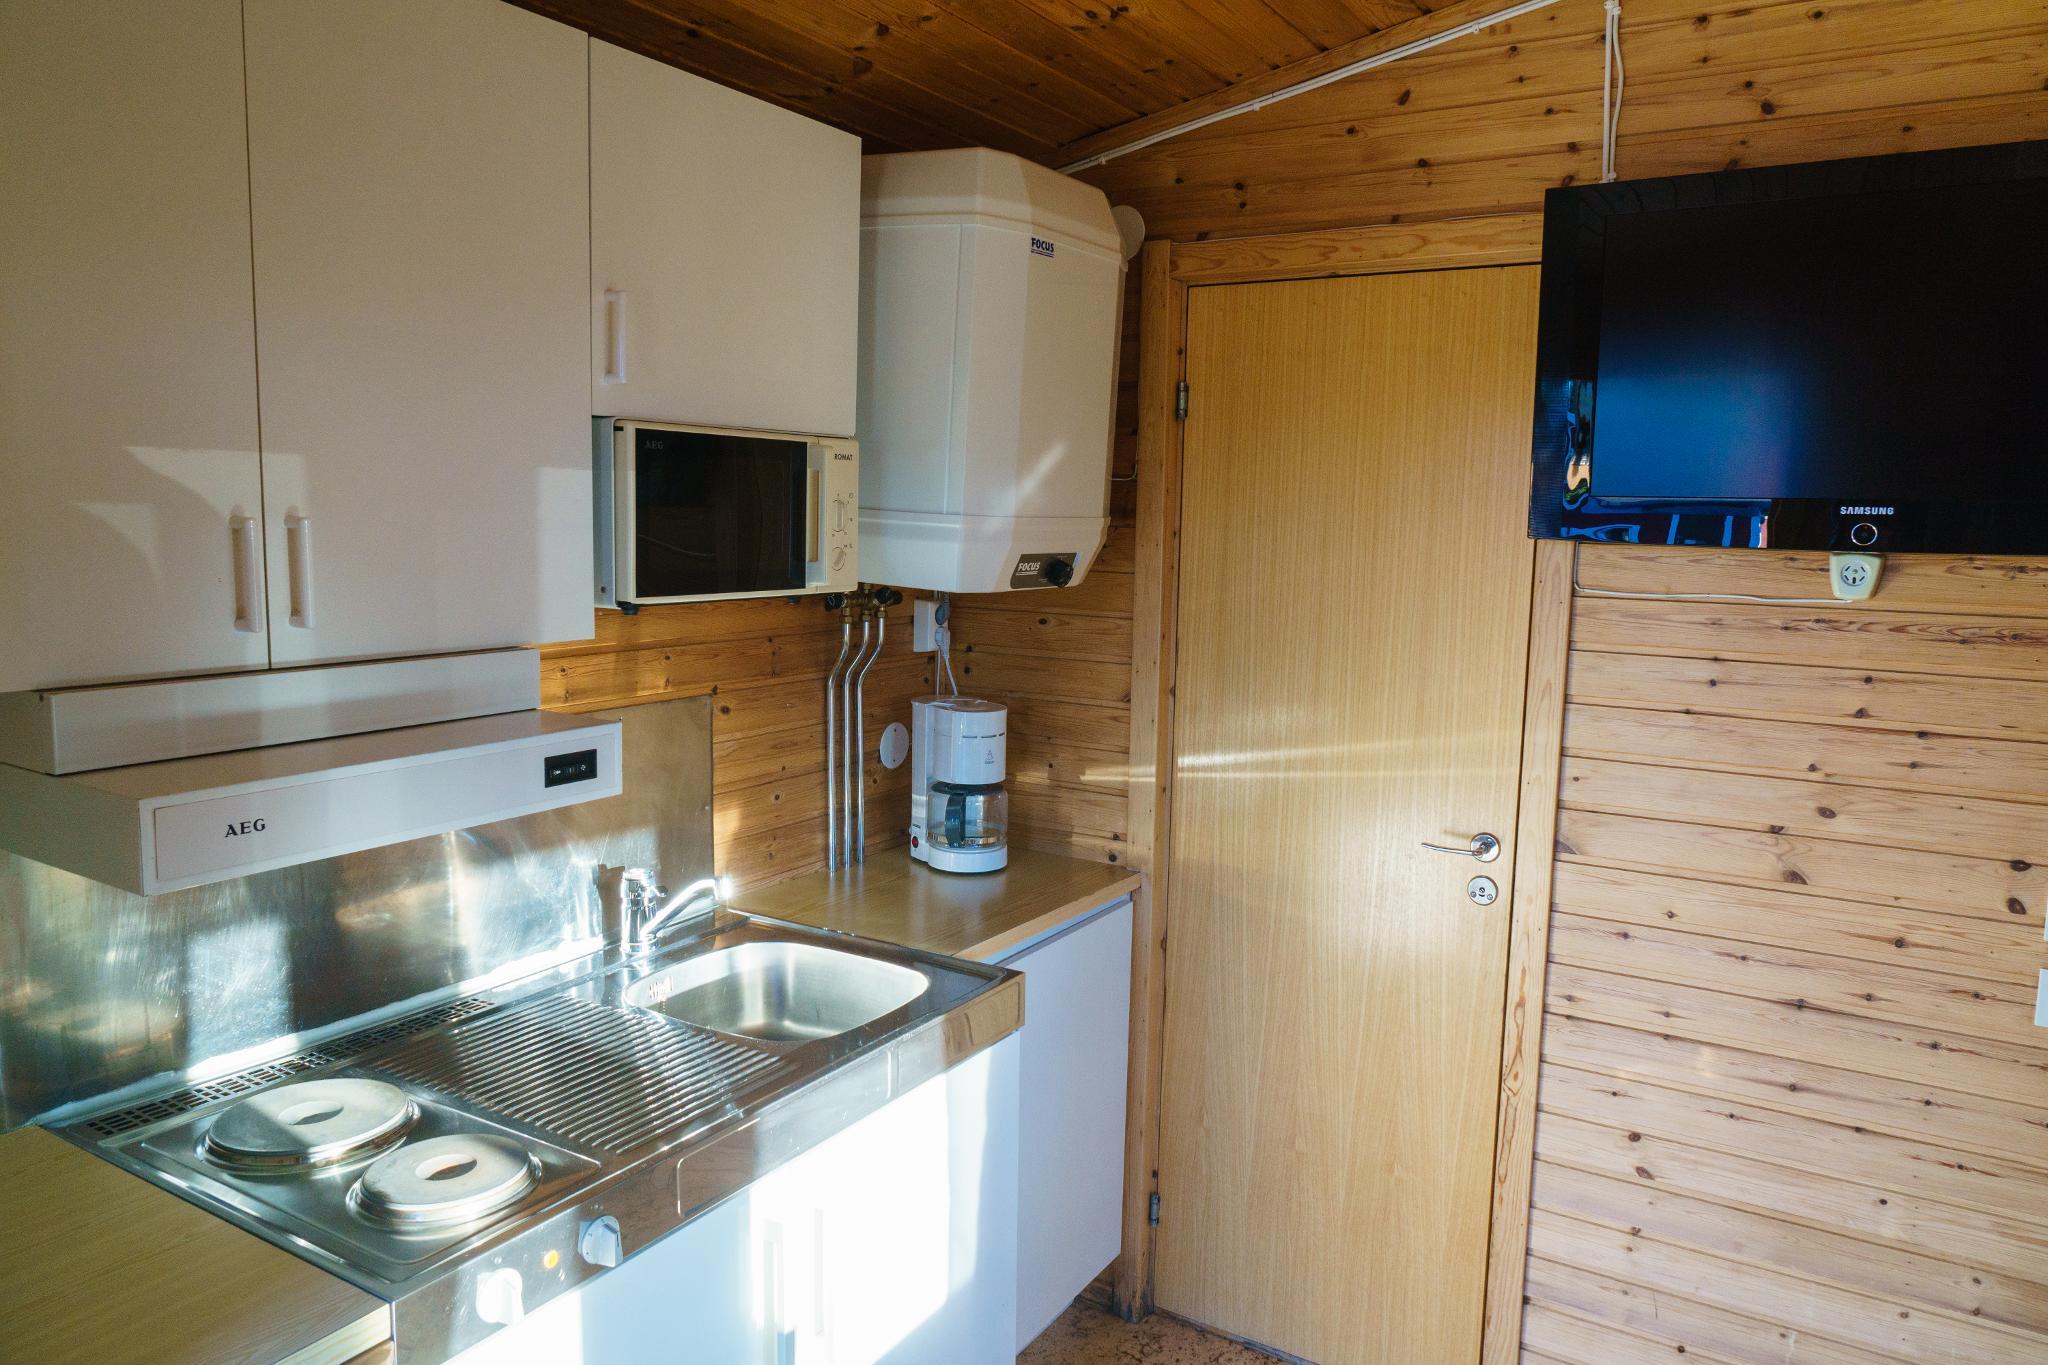 【北歐露營】北極荒野的推薦度假村 — 瑞典阿爾耶普魯格 Kraja 酒店 55